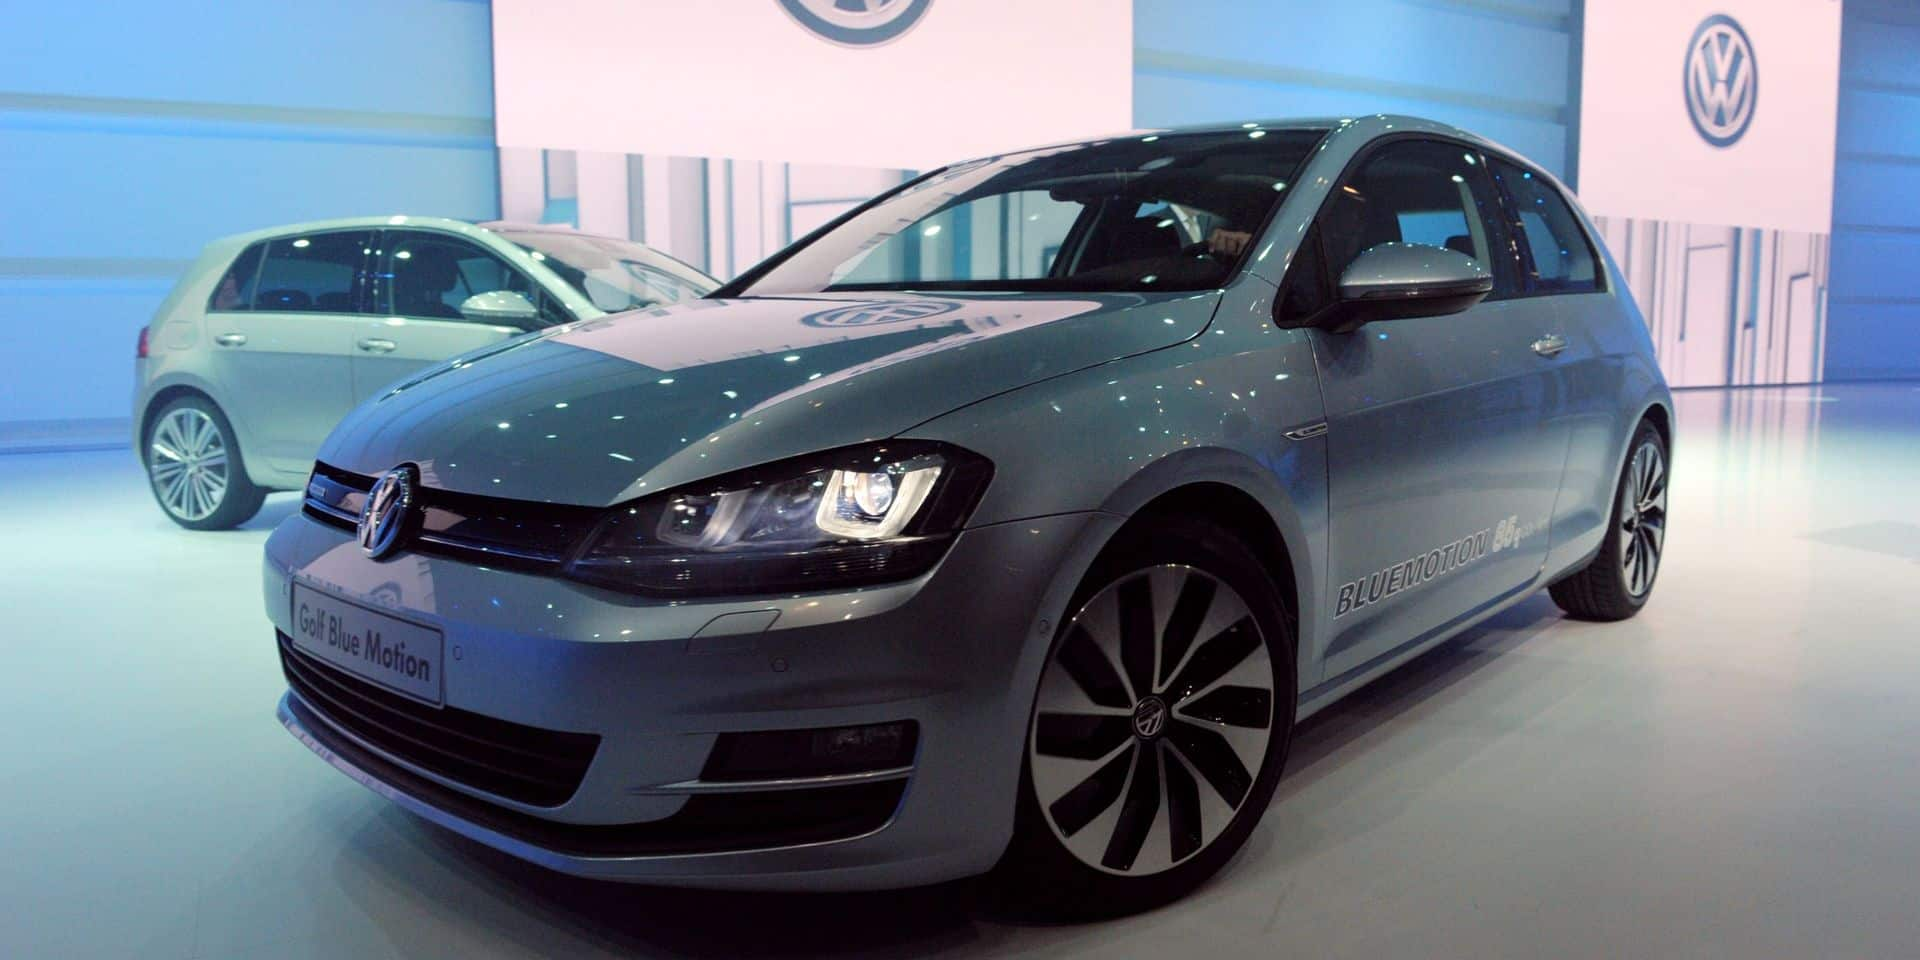 Sur le marché de l'occasion, Volkswagen occupe la première place dans le classement des marques les plus recherchées.